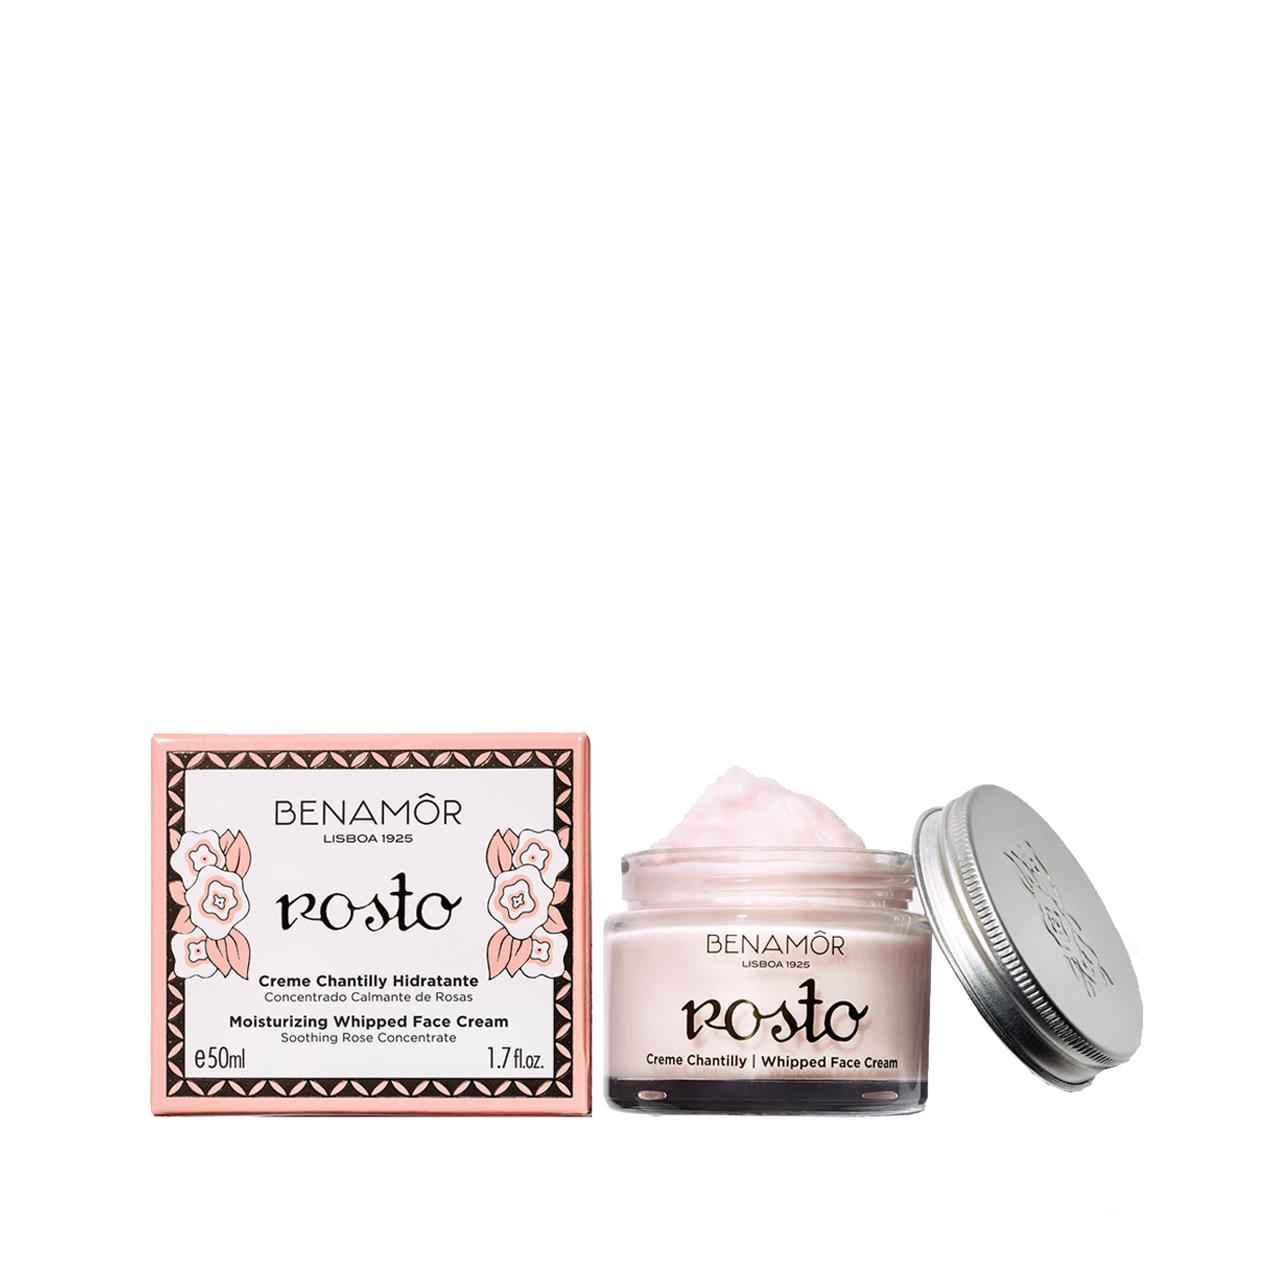 Créme de Rosto - Chantilly Face Cream